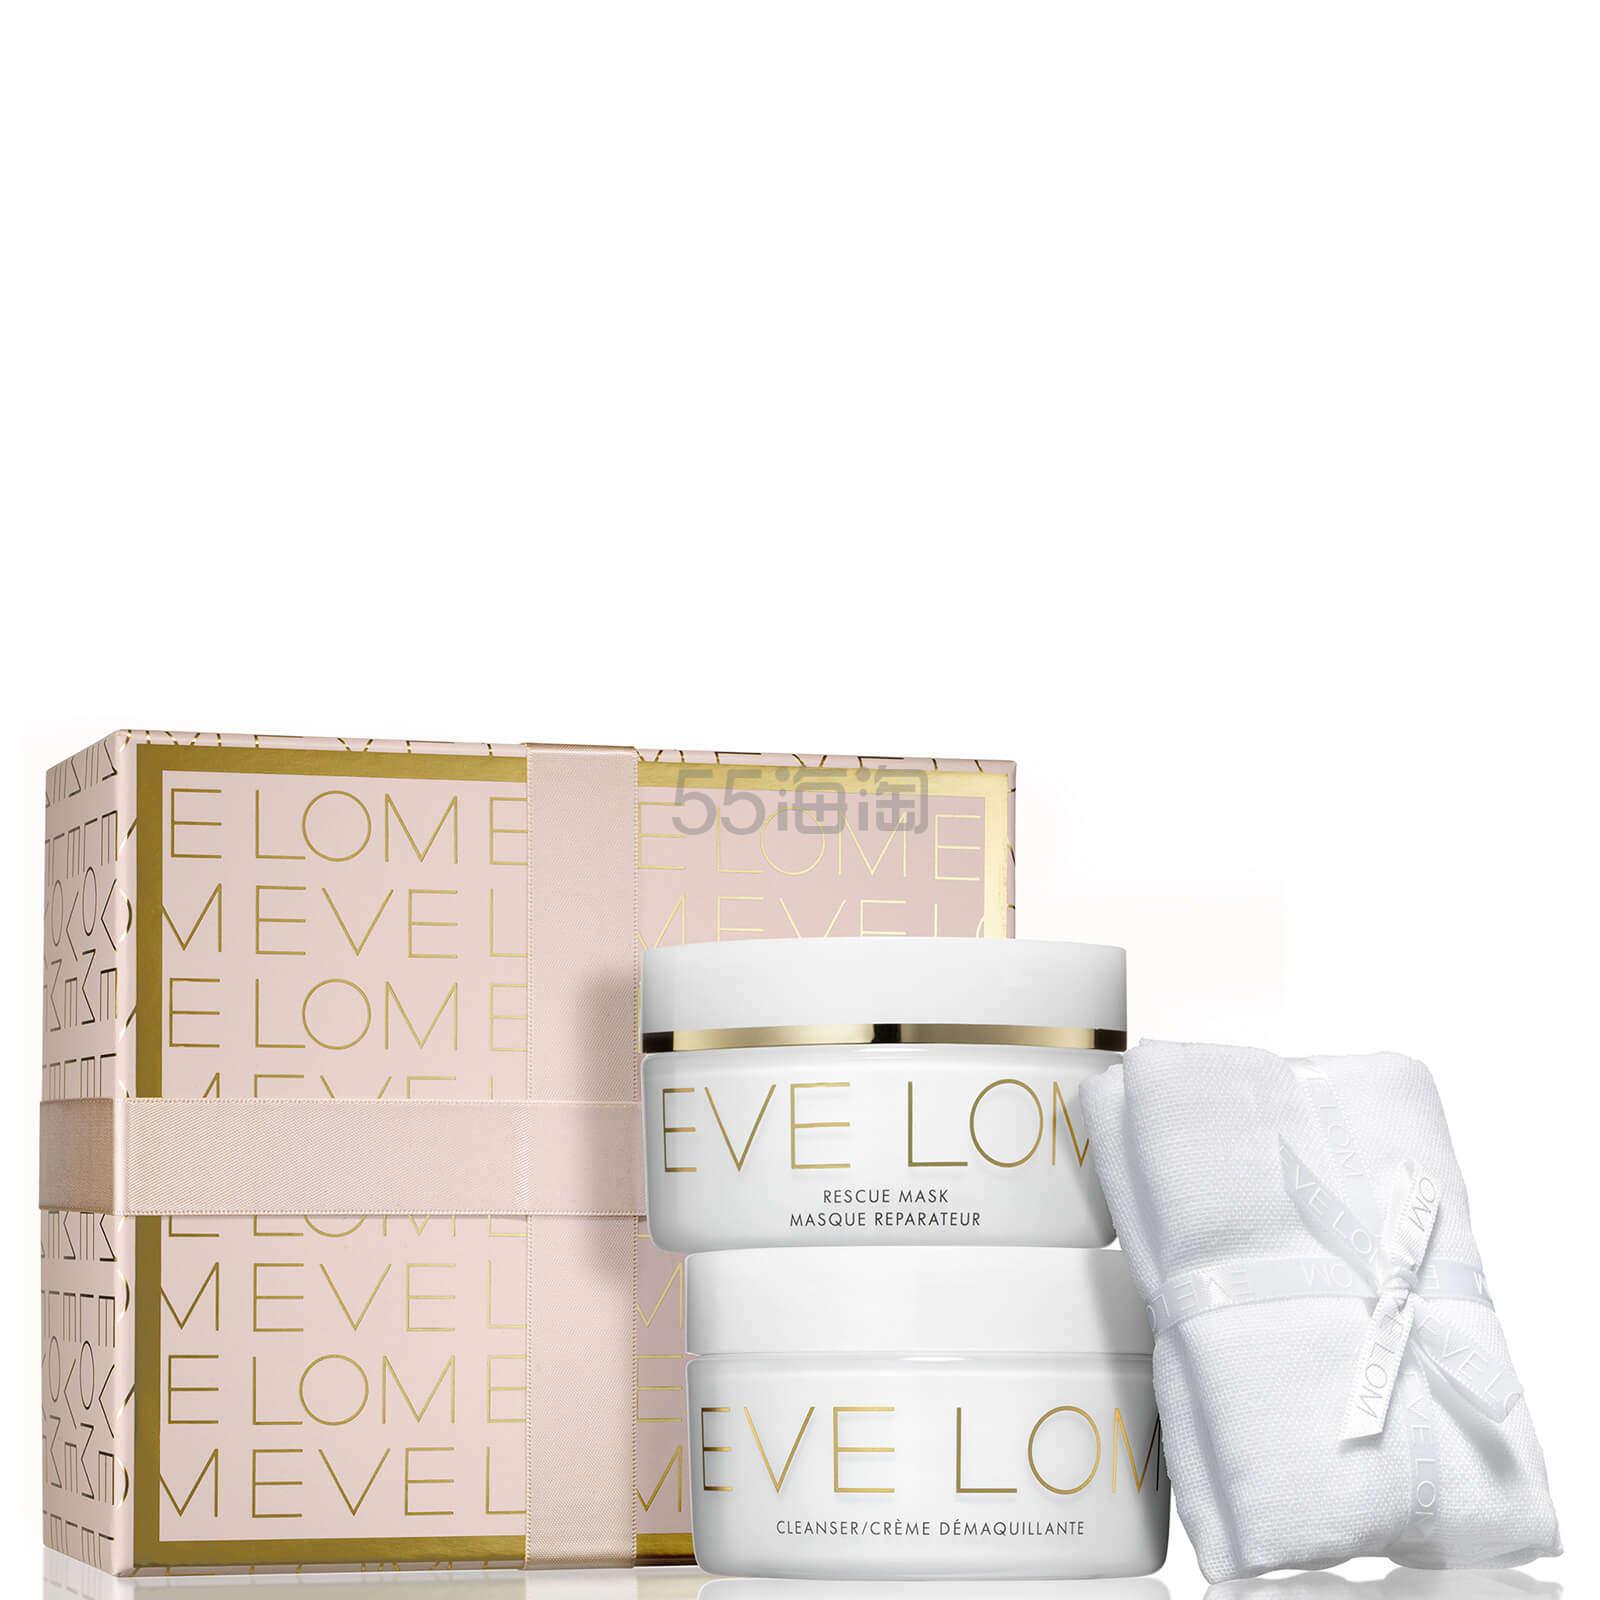 7折!EVE LOM 卸妆膏100ml+急救面膜100ml+洁面巾 圣诞套装 ¥469.9 - 海淘优惠海淘折扣|55海淘网